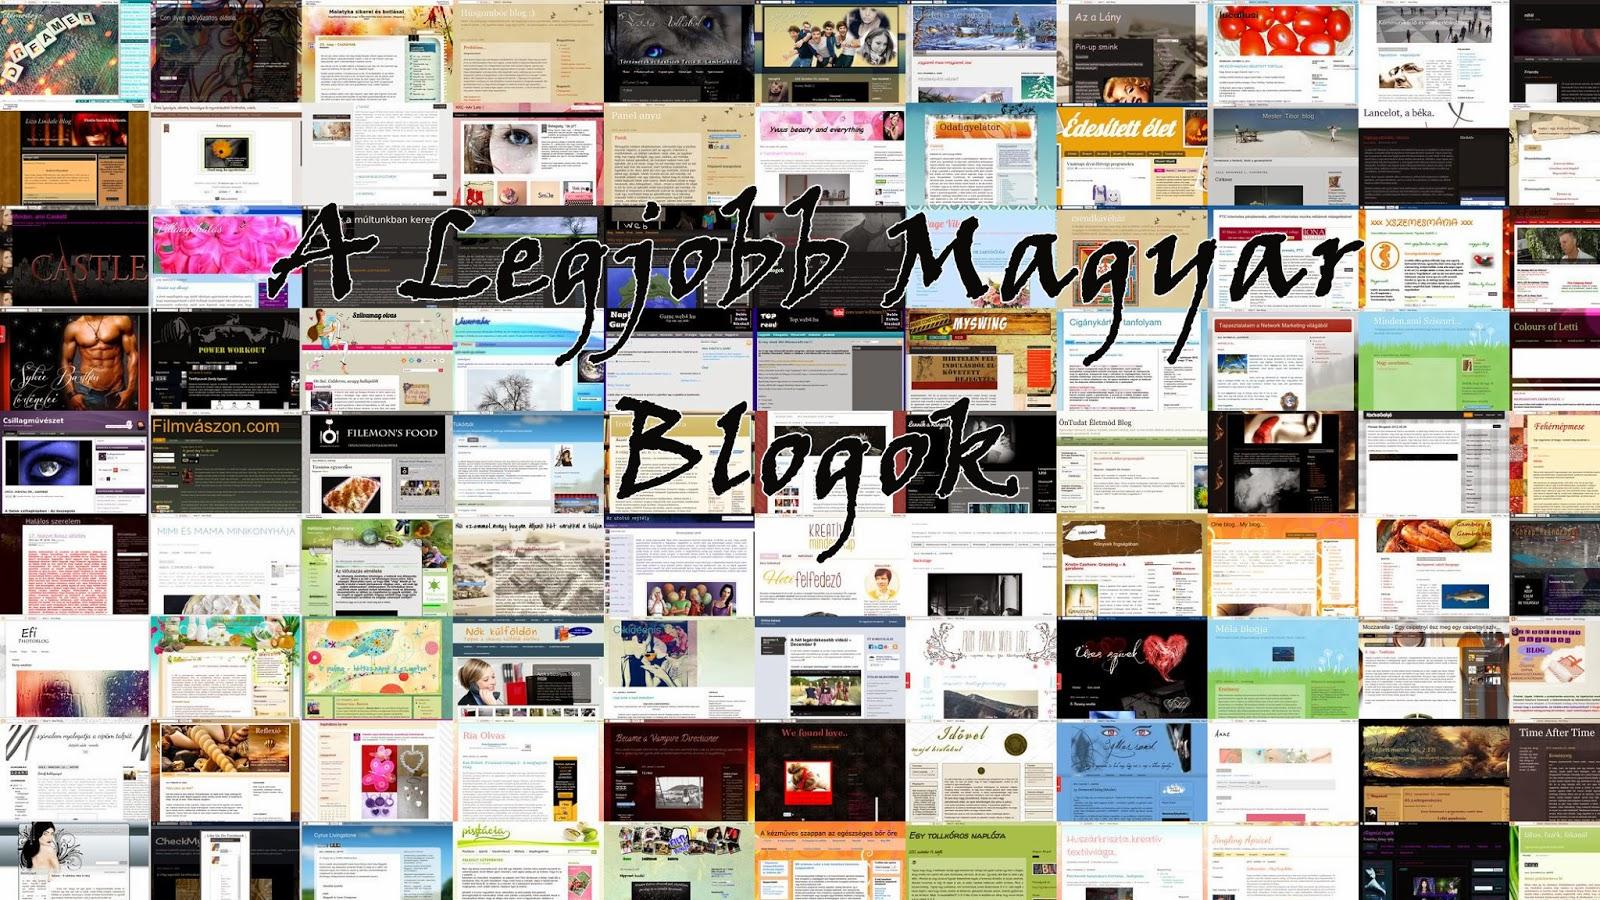 f24cecc420 Az alábbi bejegyzésben azokat a blogokat sorolom fel (feltüntetve az  elérhetőségüket is), amelyek számomra elfogadhatóak (kinézetileg,  tartalmilag) és ...